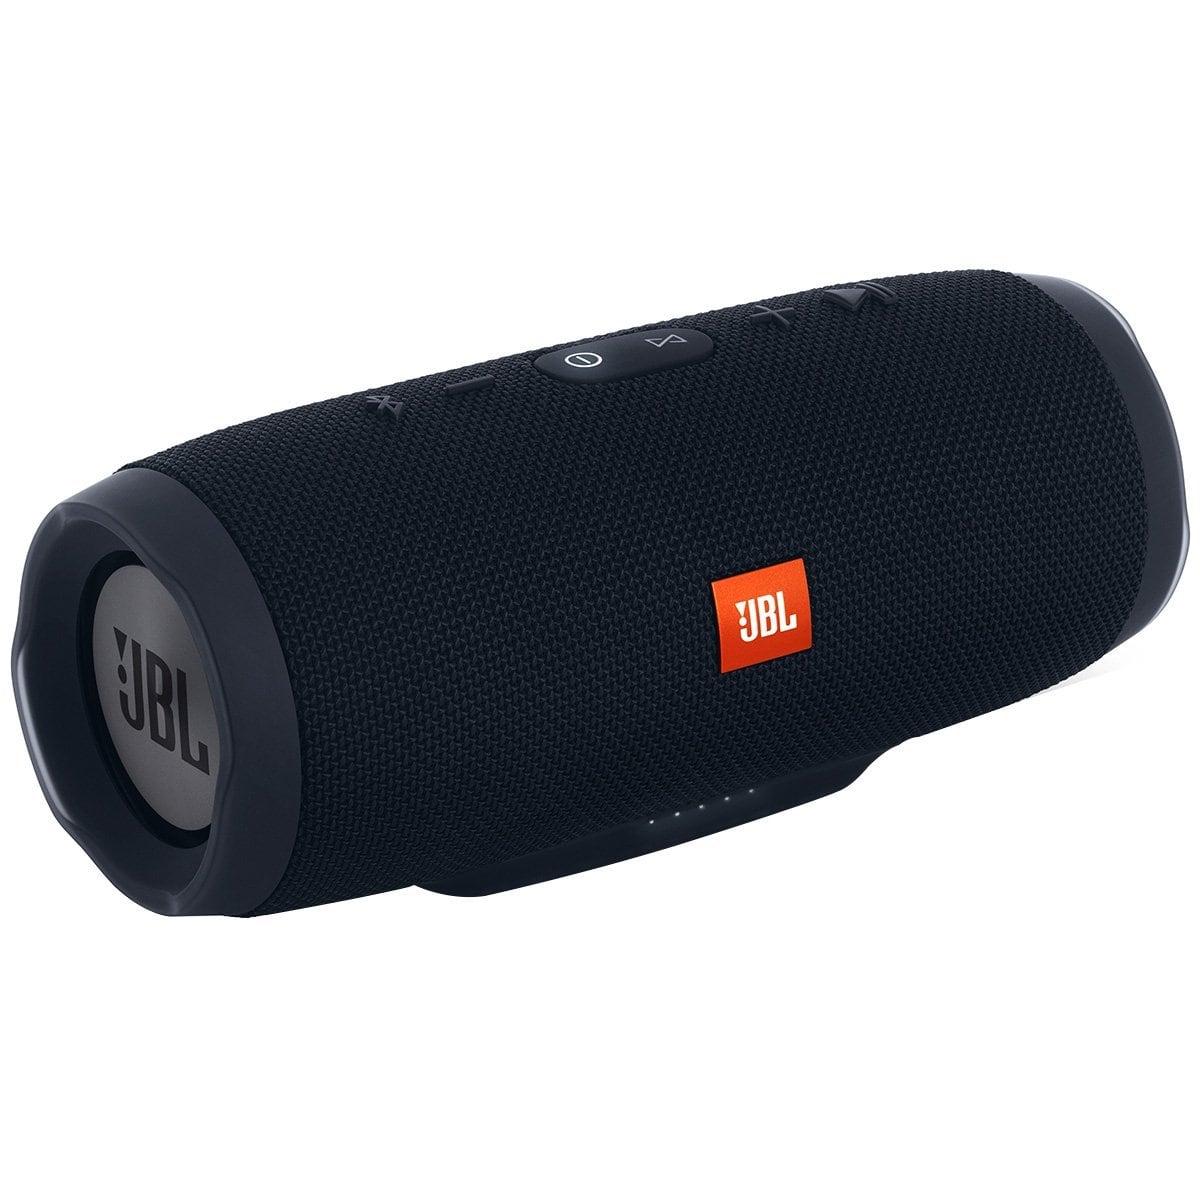 Full Size of Bluetooth Lautsprecher Wasserdicht Test Vergleich April 2020 Glastrennwand Dusche Thermostat Kleine Bäder Mit Abfluss Begehbare Duschen Ohne Tür Bodengleich Dusche Bluetooth Lautsprecher Dusche